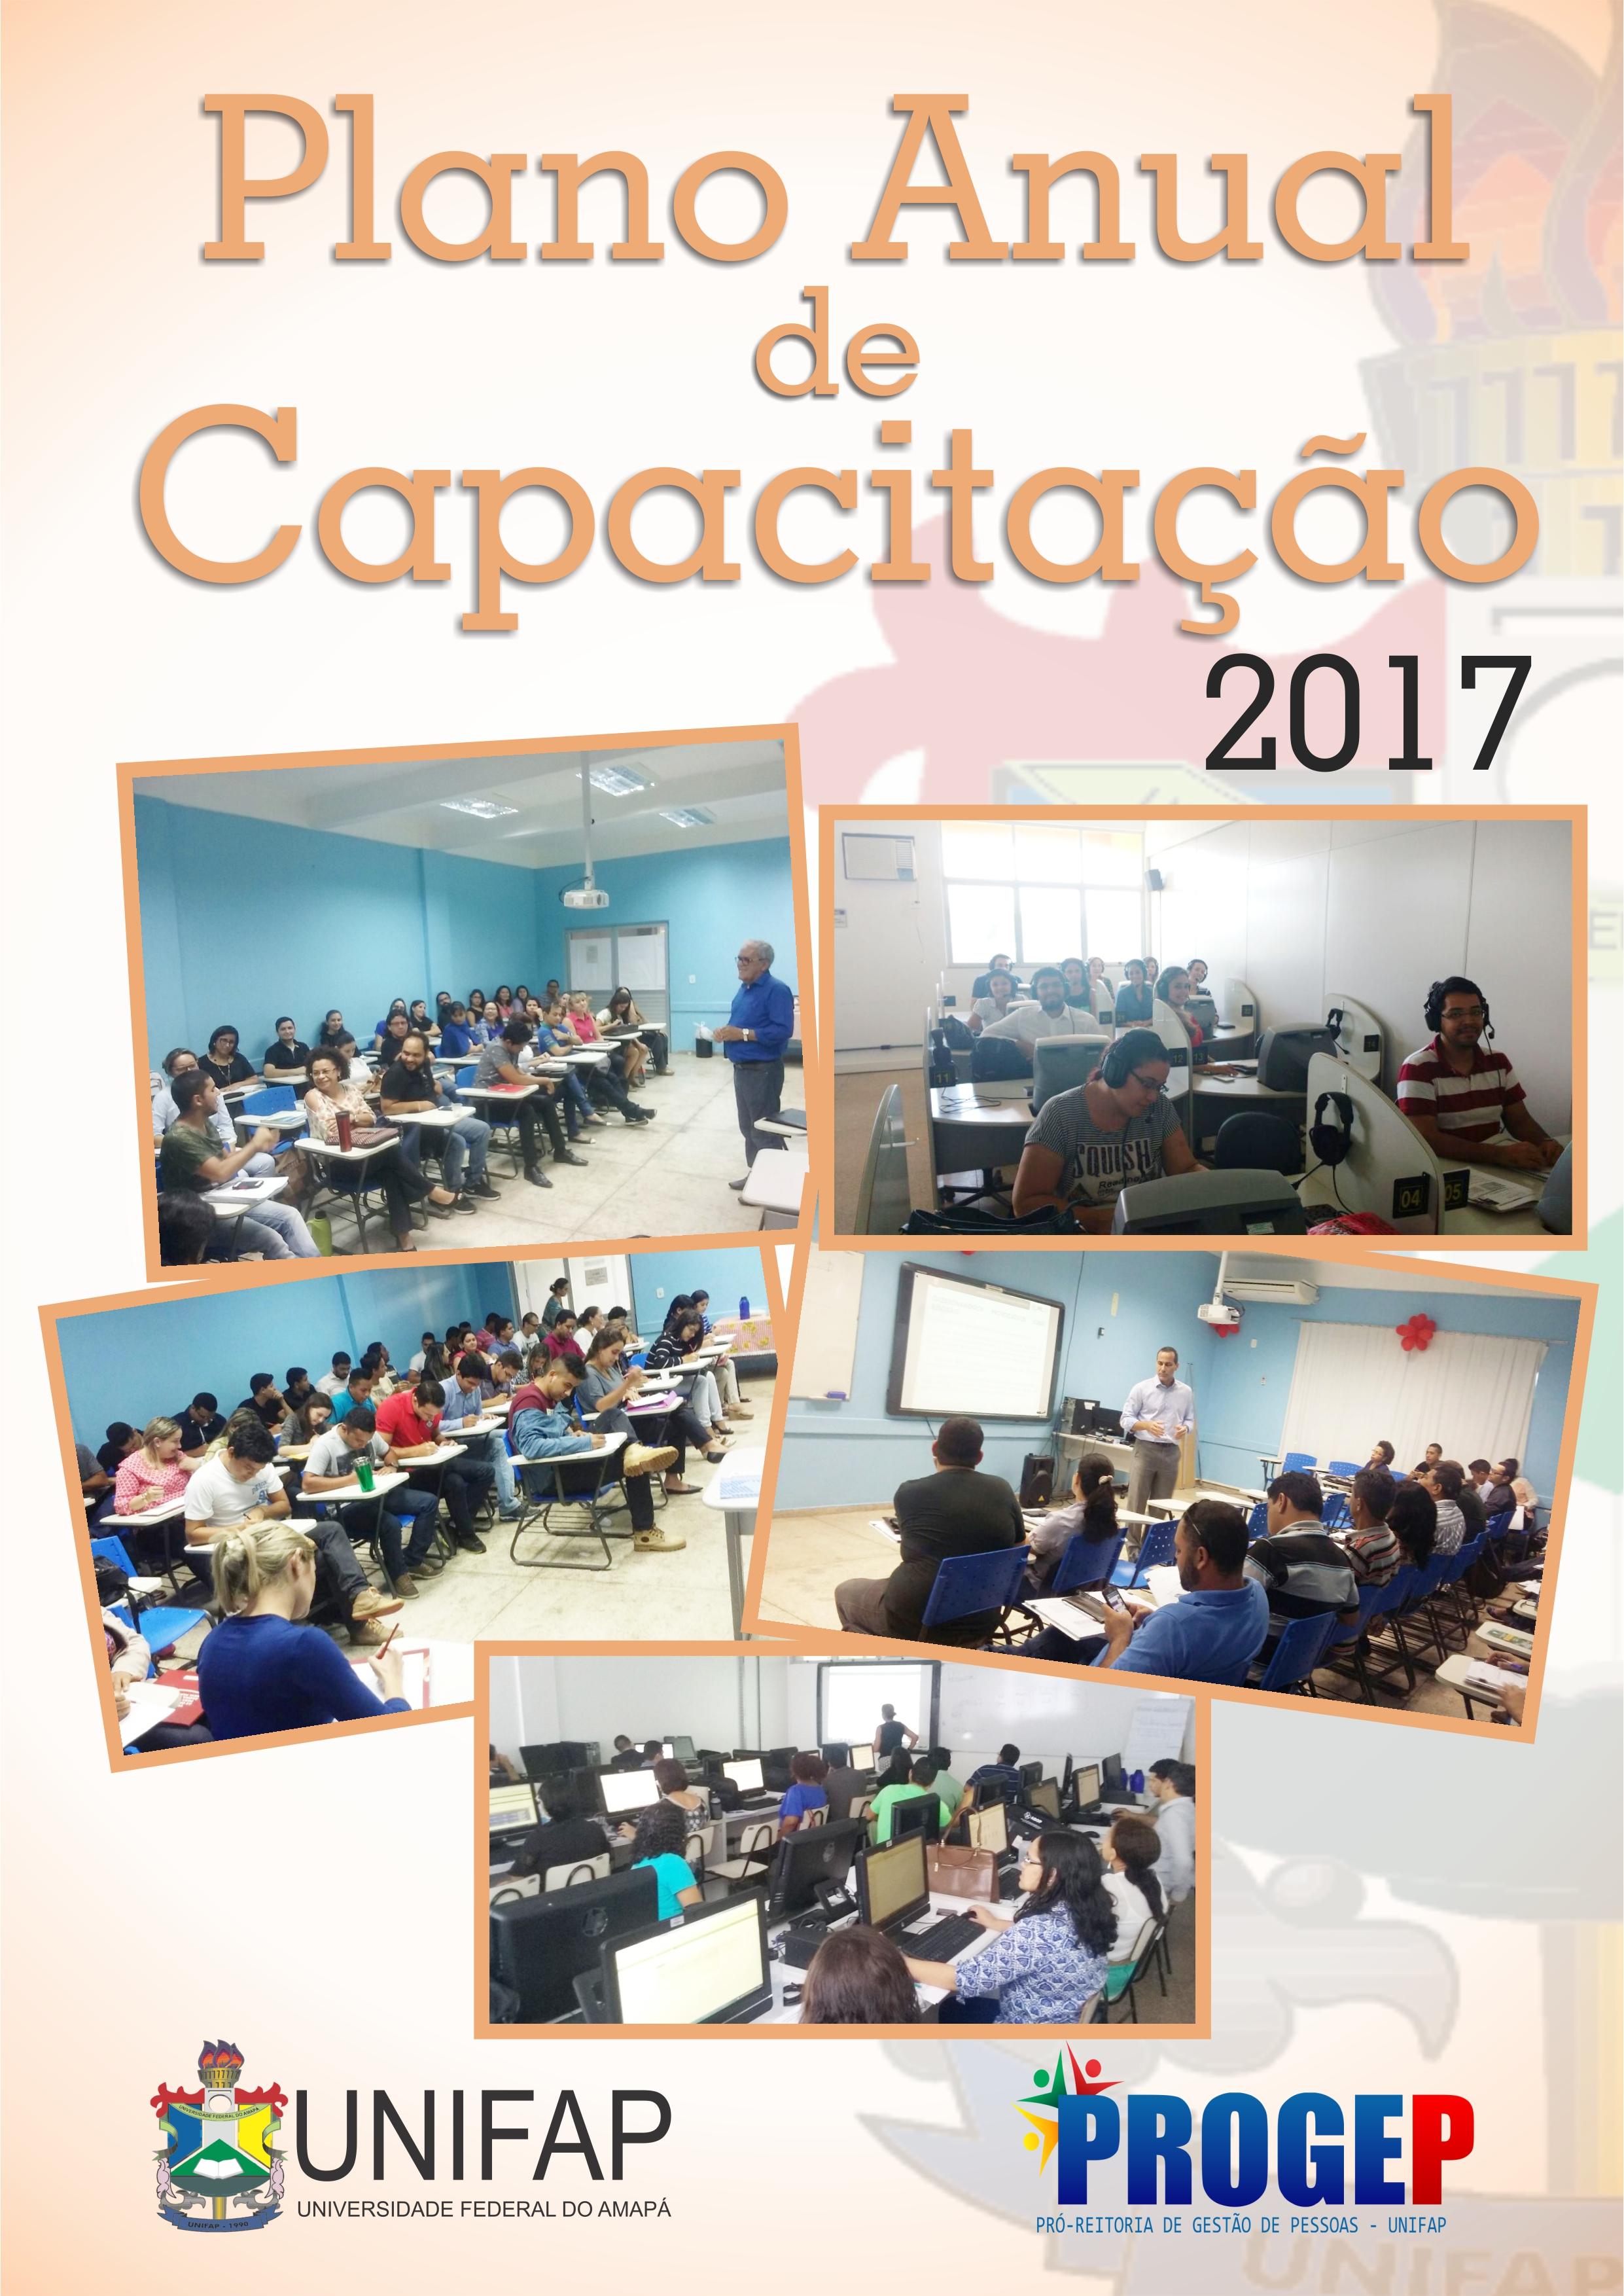 PLANO ANUAL DE CAPACITAÇÃO - 2017